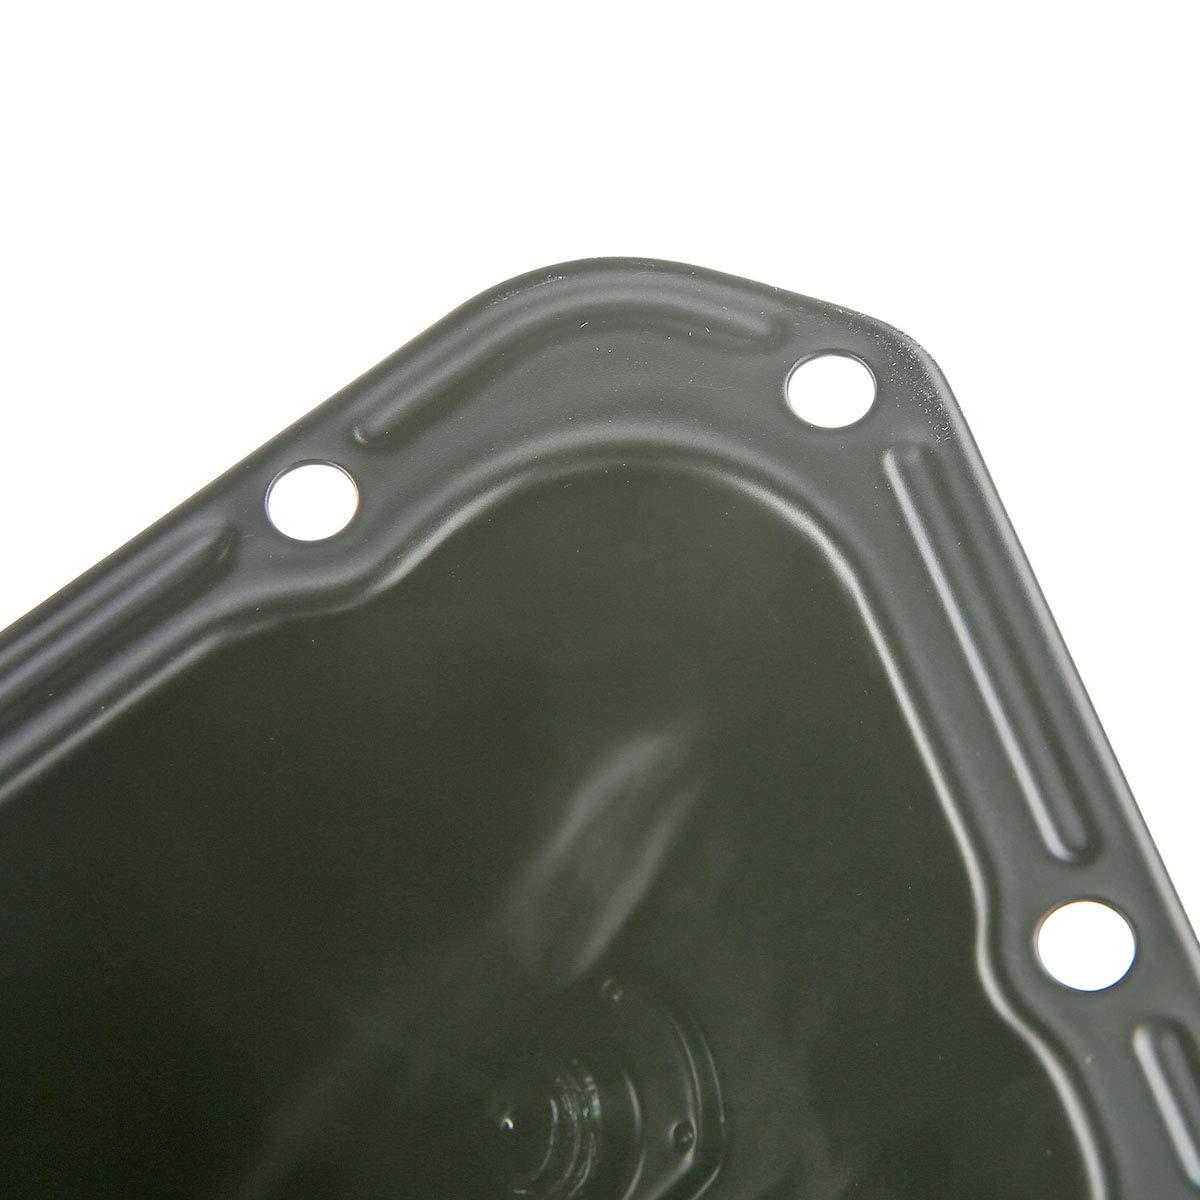 /Ölwanne und Ablassschraube f/ür Cabrio City-Coupe Fortwo Cabrio Roadster 450 451 452 2001-2018 1600140002